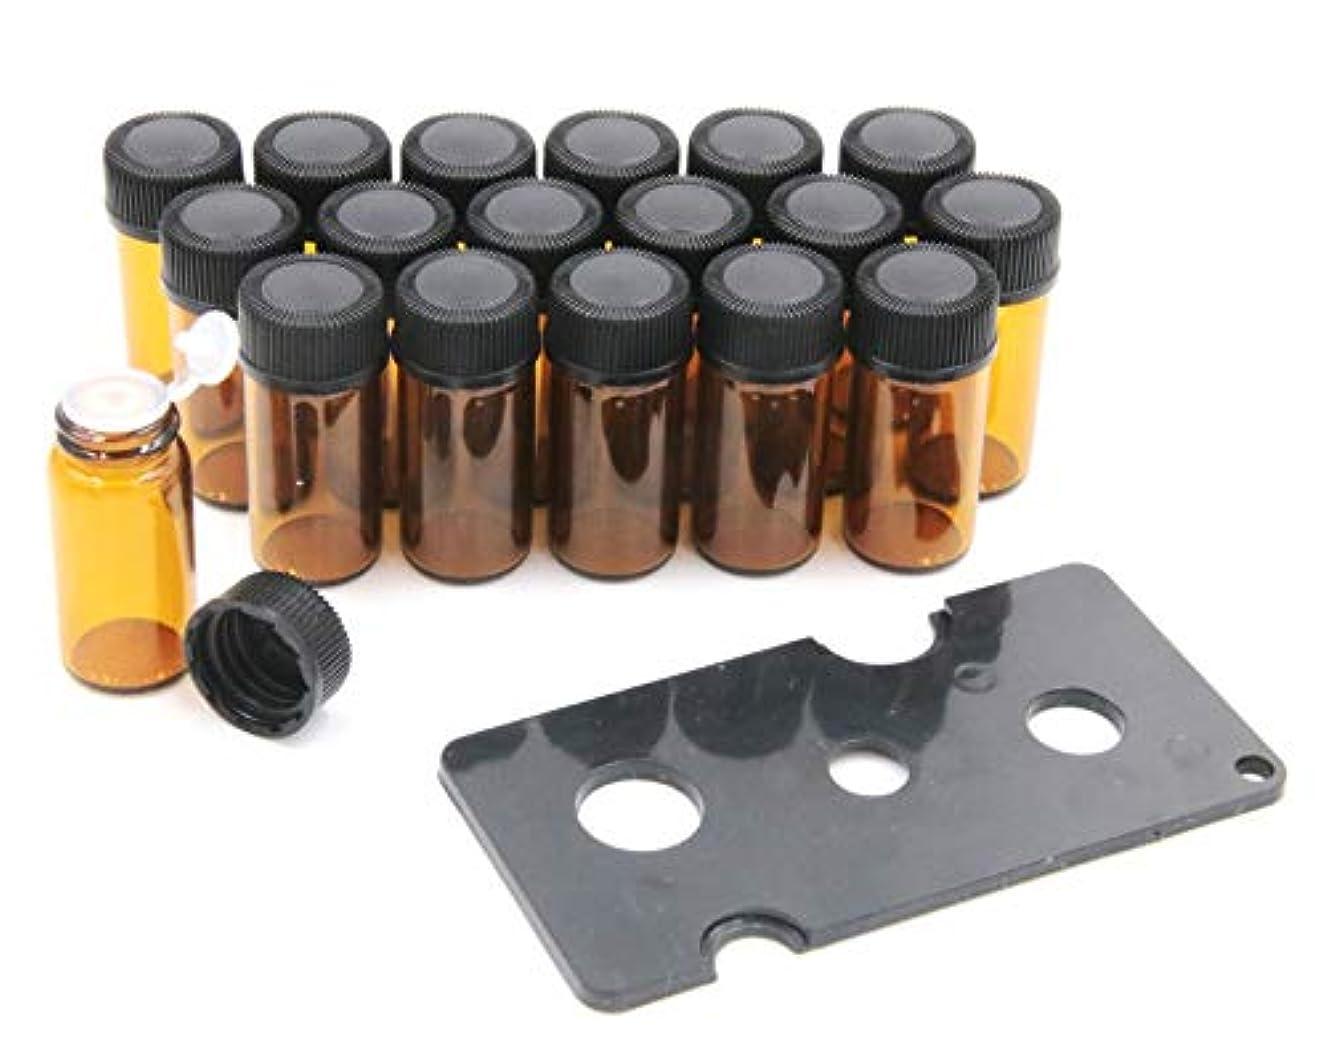 ドアルート薬局XPdesign アロマ 小分け遮光瓶 アロマオイル 遮光瓶 保存 容器 詰め替え 香水 ボトル 耐熱ガラス (3ml 18本セット)